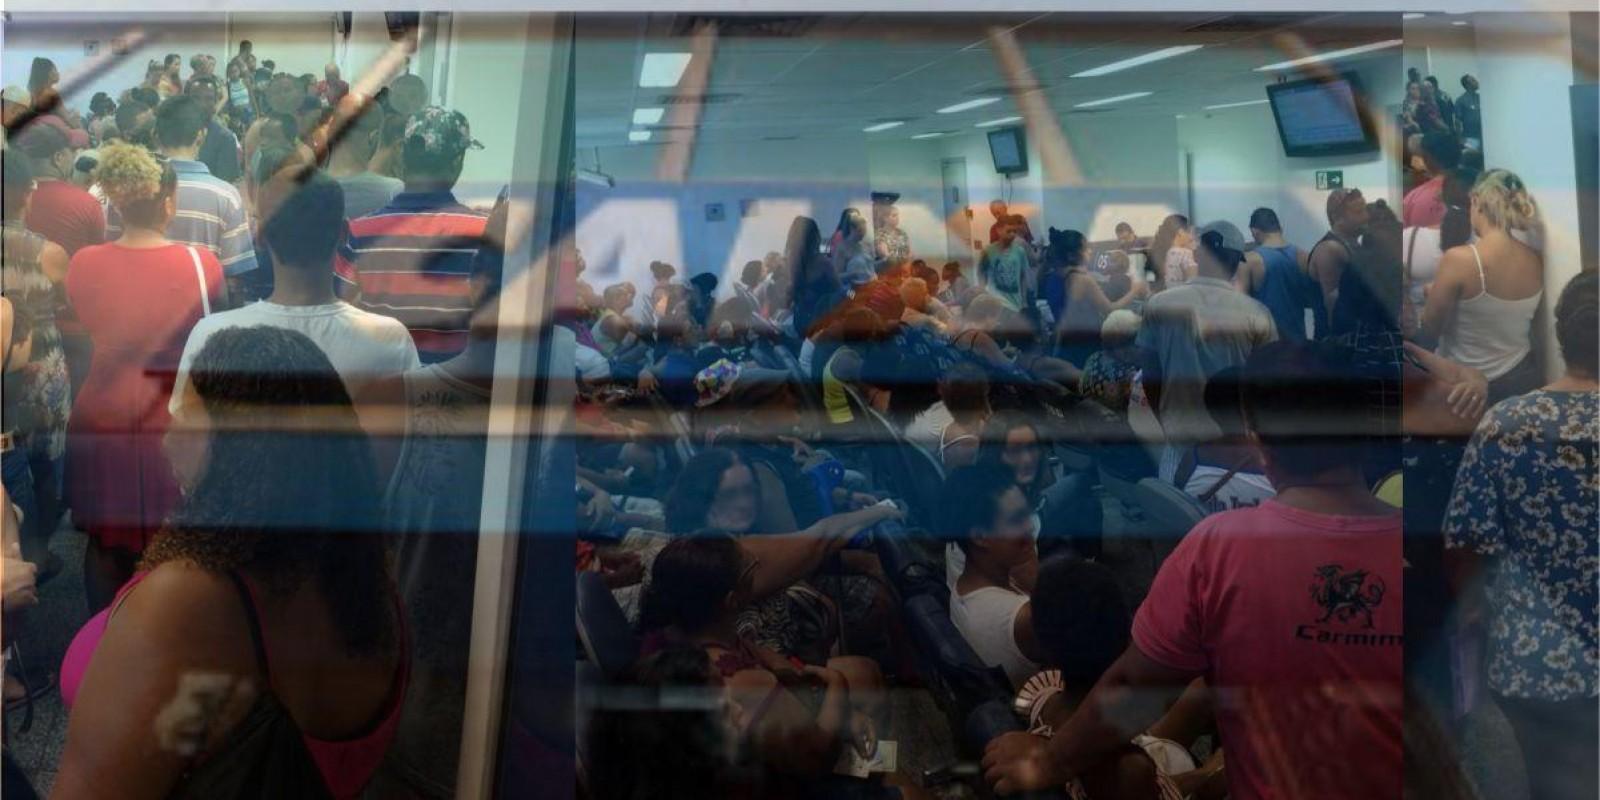 Atendimento deficitário em agência da Caixa, vem causando problemas a população e adoecimento de seus funcionários